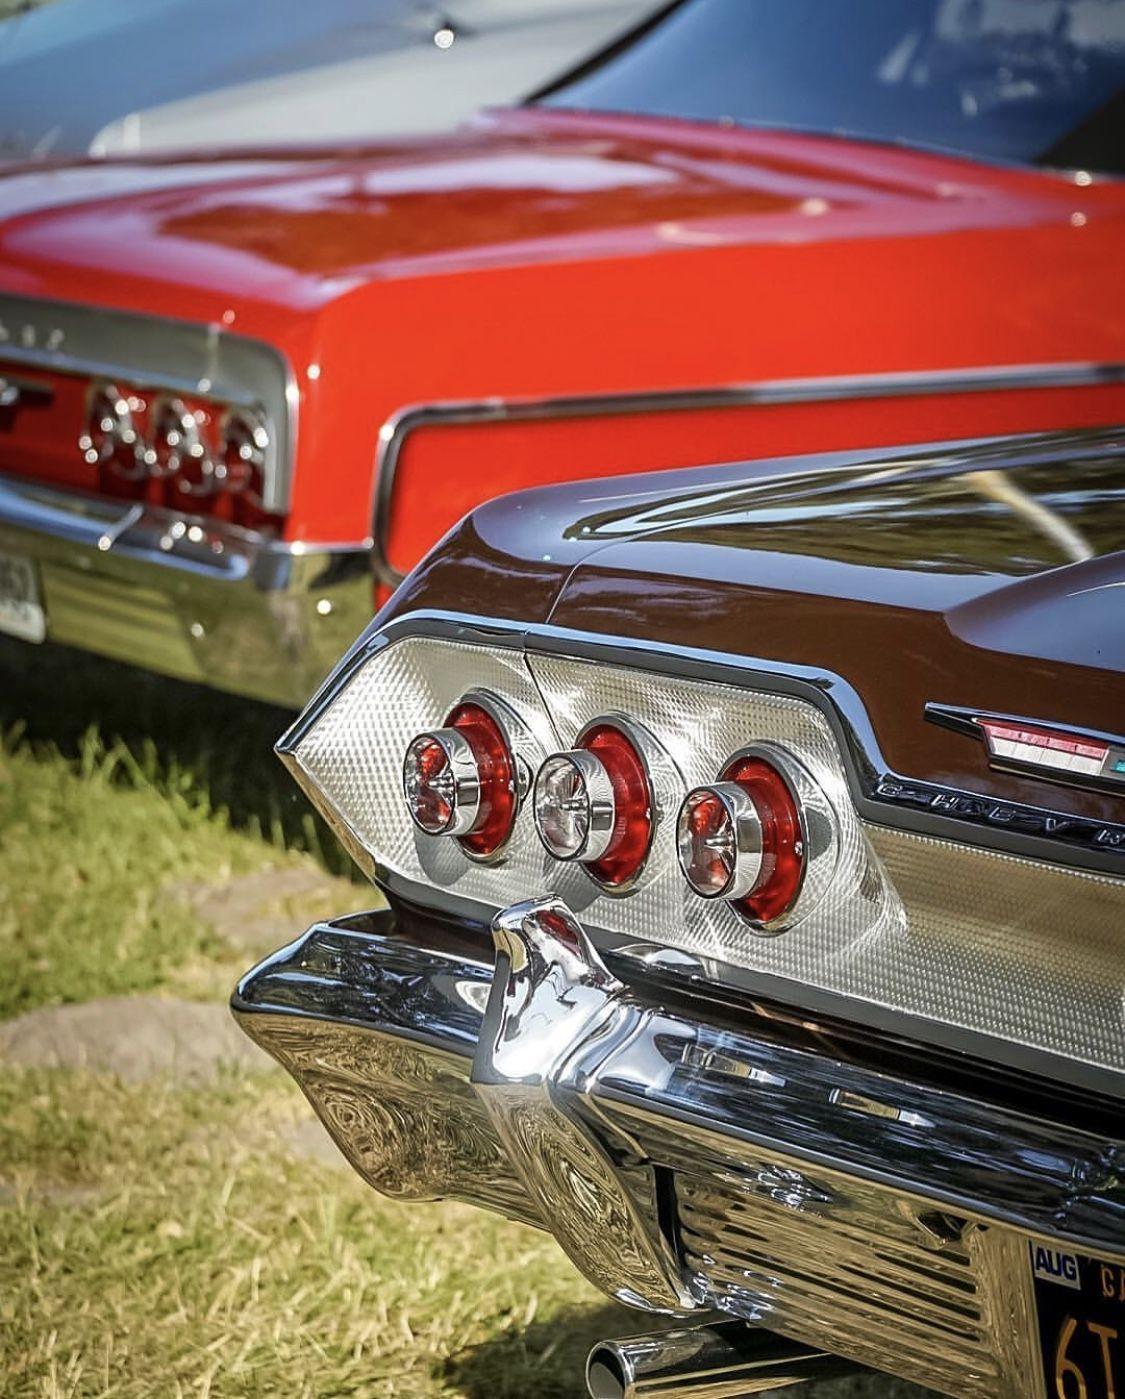 Chevrolet Impala 1963 Y 1964 In 2020 Chevrolet Impala Chevrolet Impala 1963 Chevy Impala